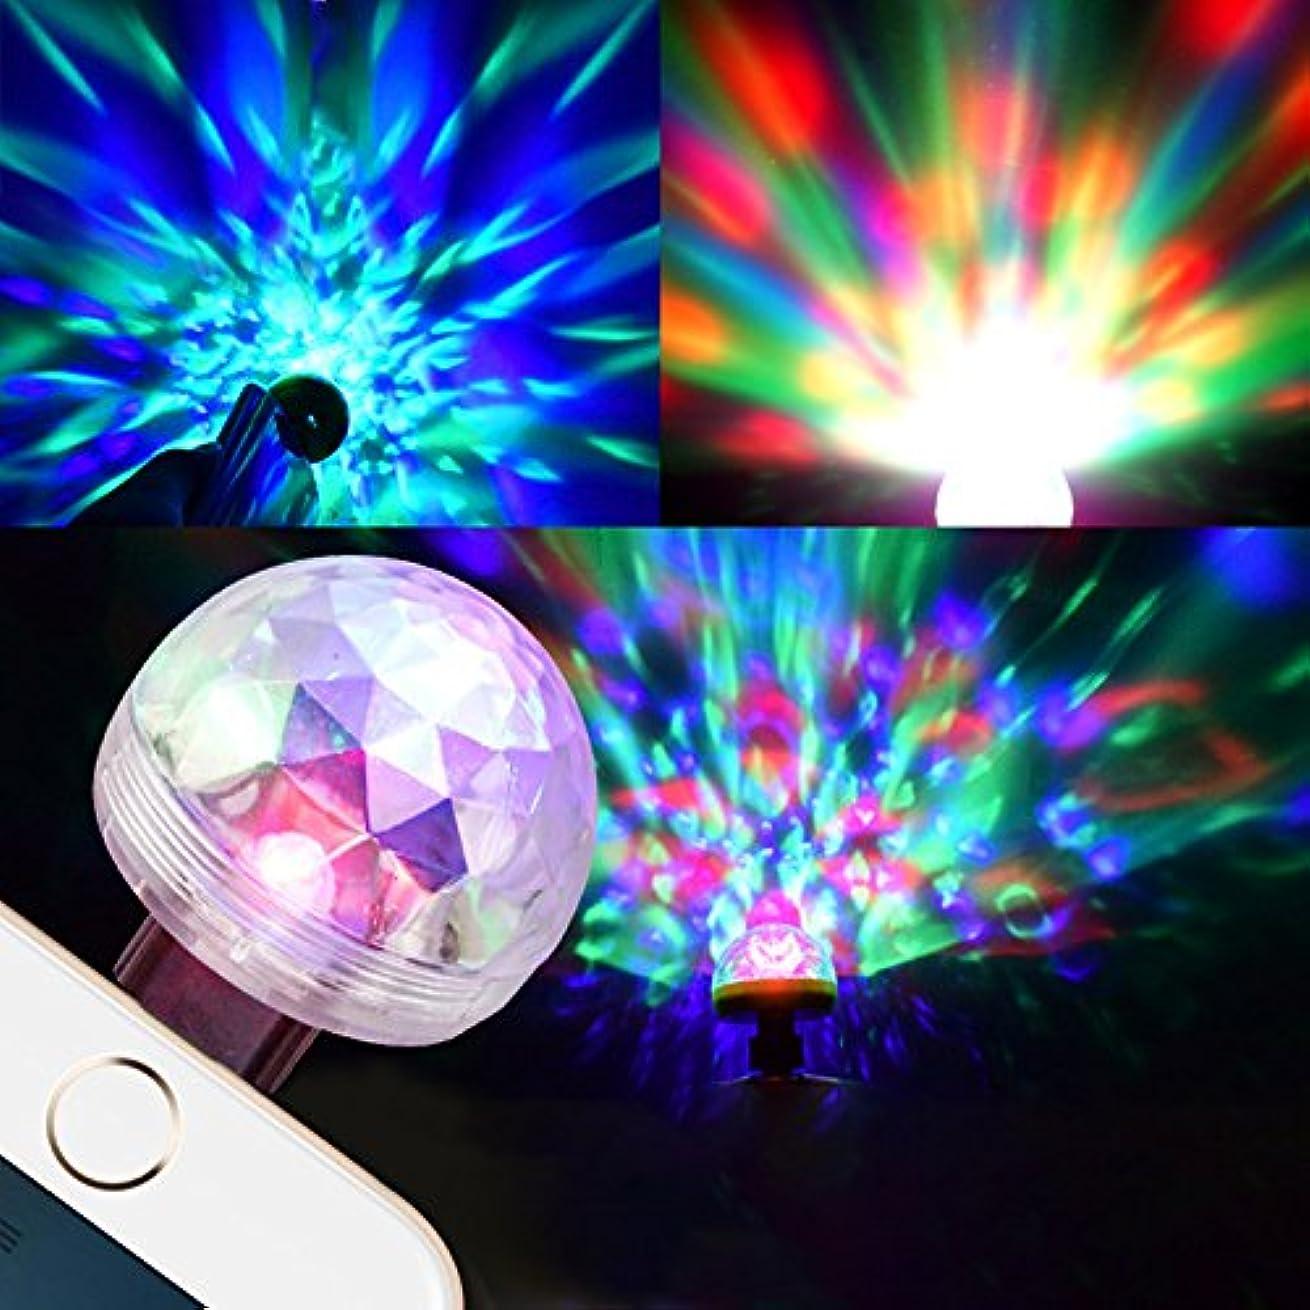 桁フォローダメージACHICOO ステージライト USB カラフル スマホ ボイスコントロール マジックボール ランプ ミニ ポータブル クリスタル 効果ライト パーティー·ディスコ·クラブ DJライトショー 車上 音声制御 デコレーション